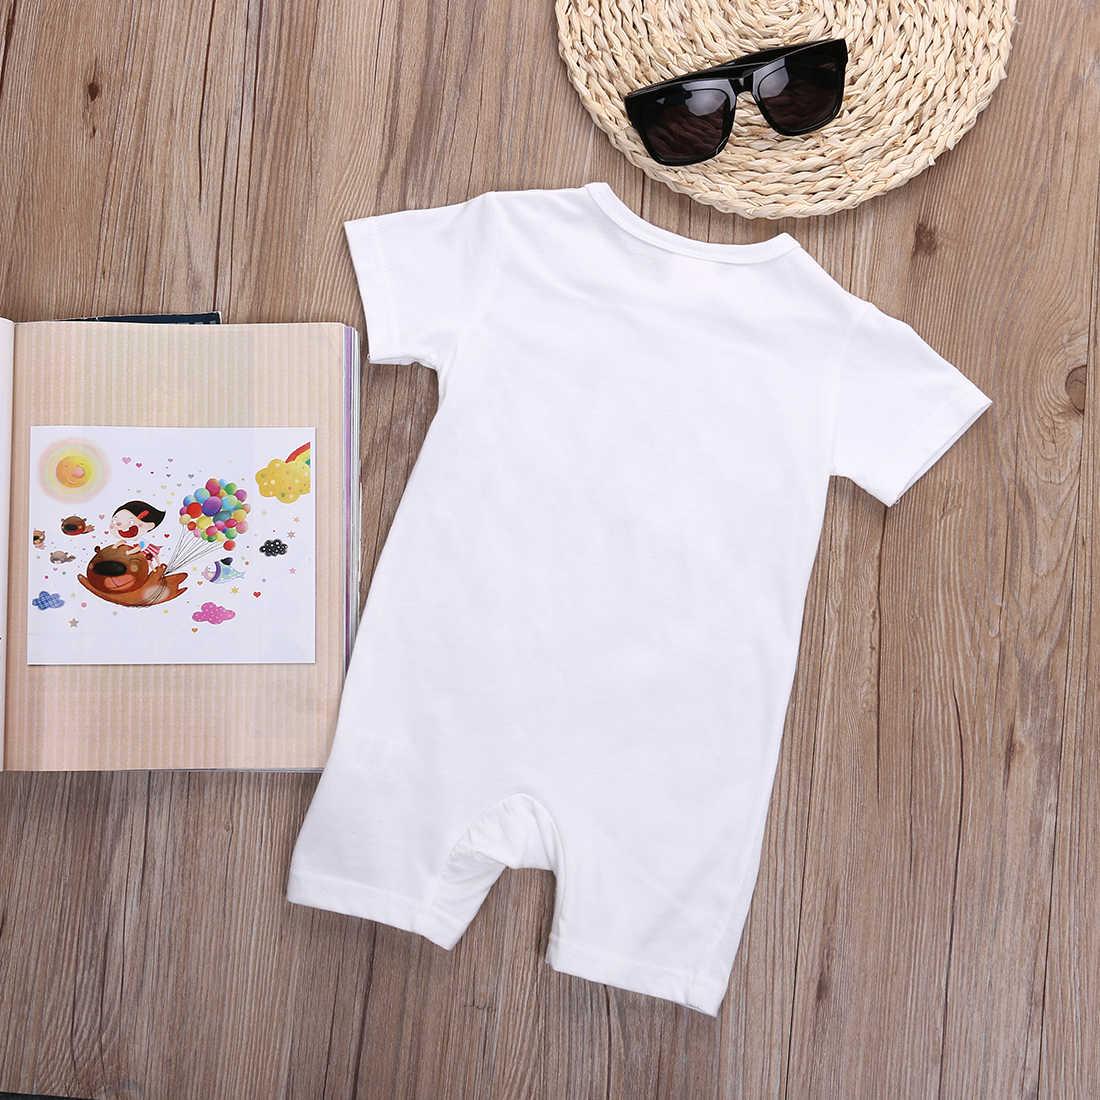 Комбинезон унисекс для новорожденных и маленьких мальчиков и девочек, повседневный комбинезон с короткими рукавами, летний сарафан